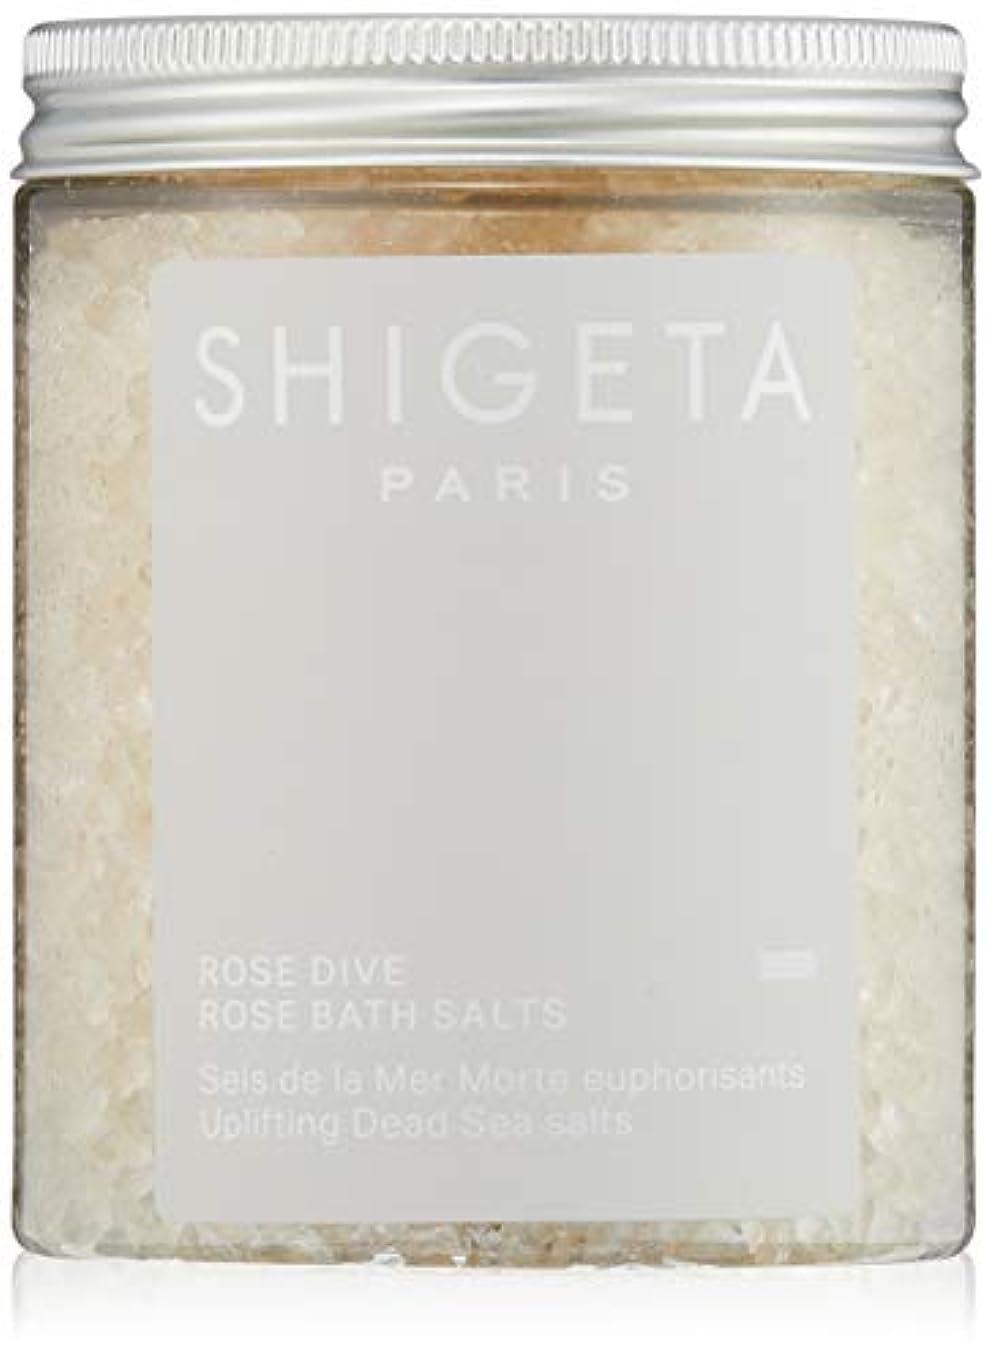 つかまえる最近分注するSHIGETA(シゲタ) ローズダイブ バスソルト 285g